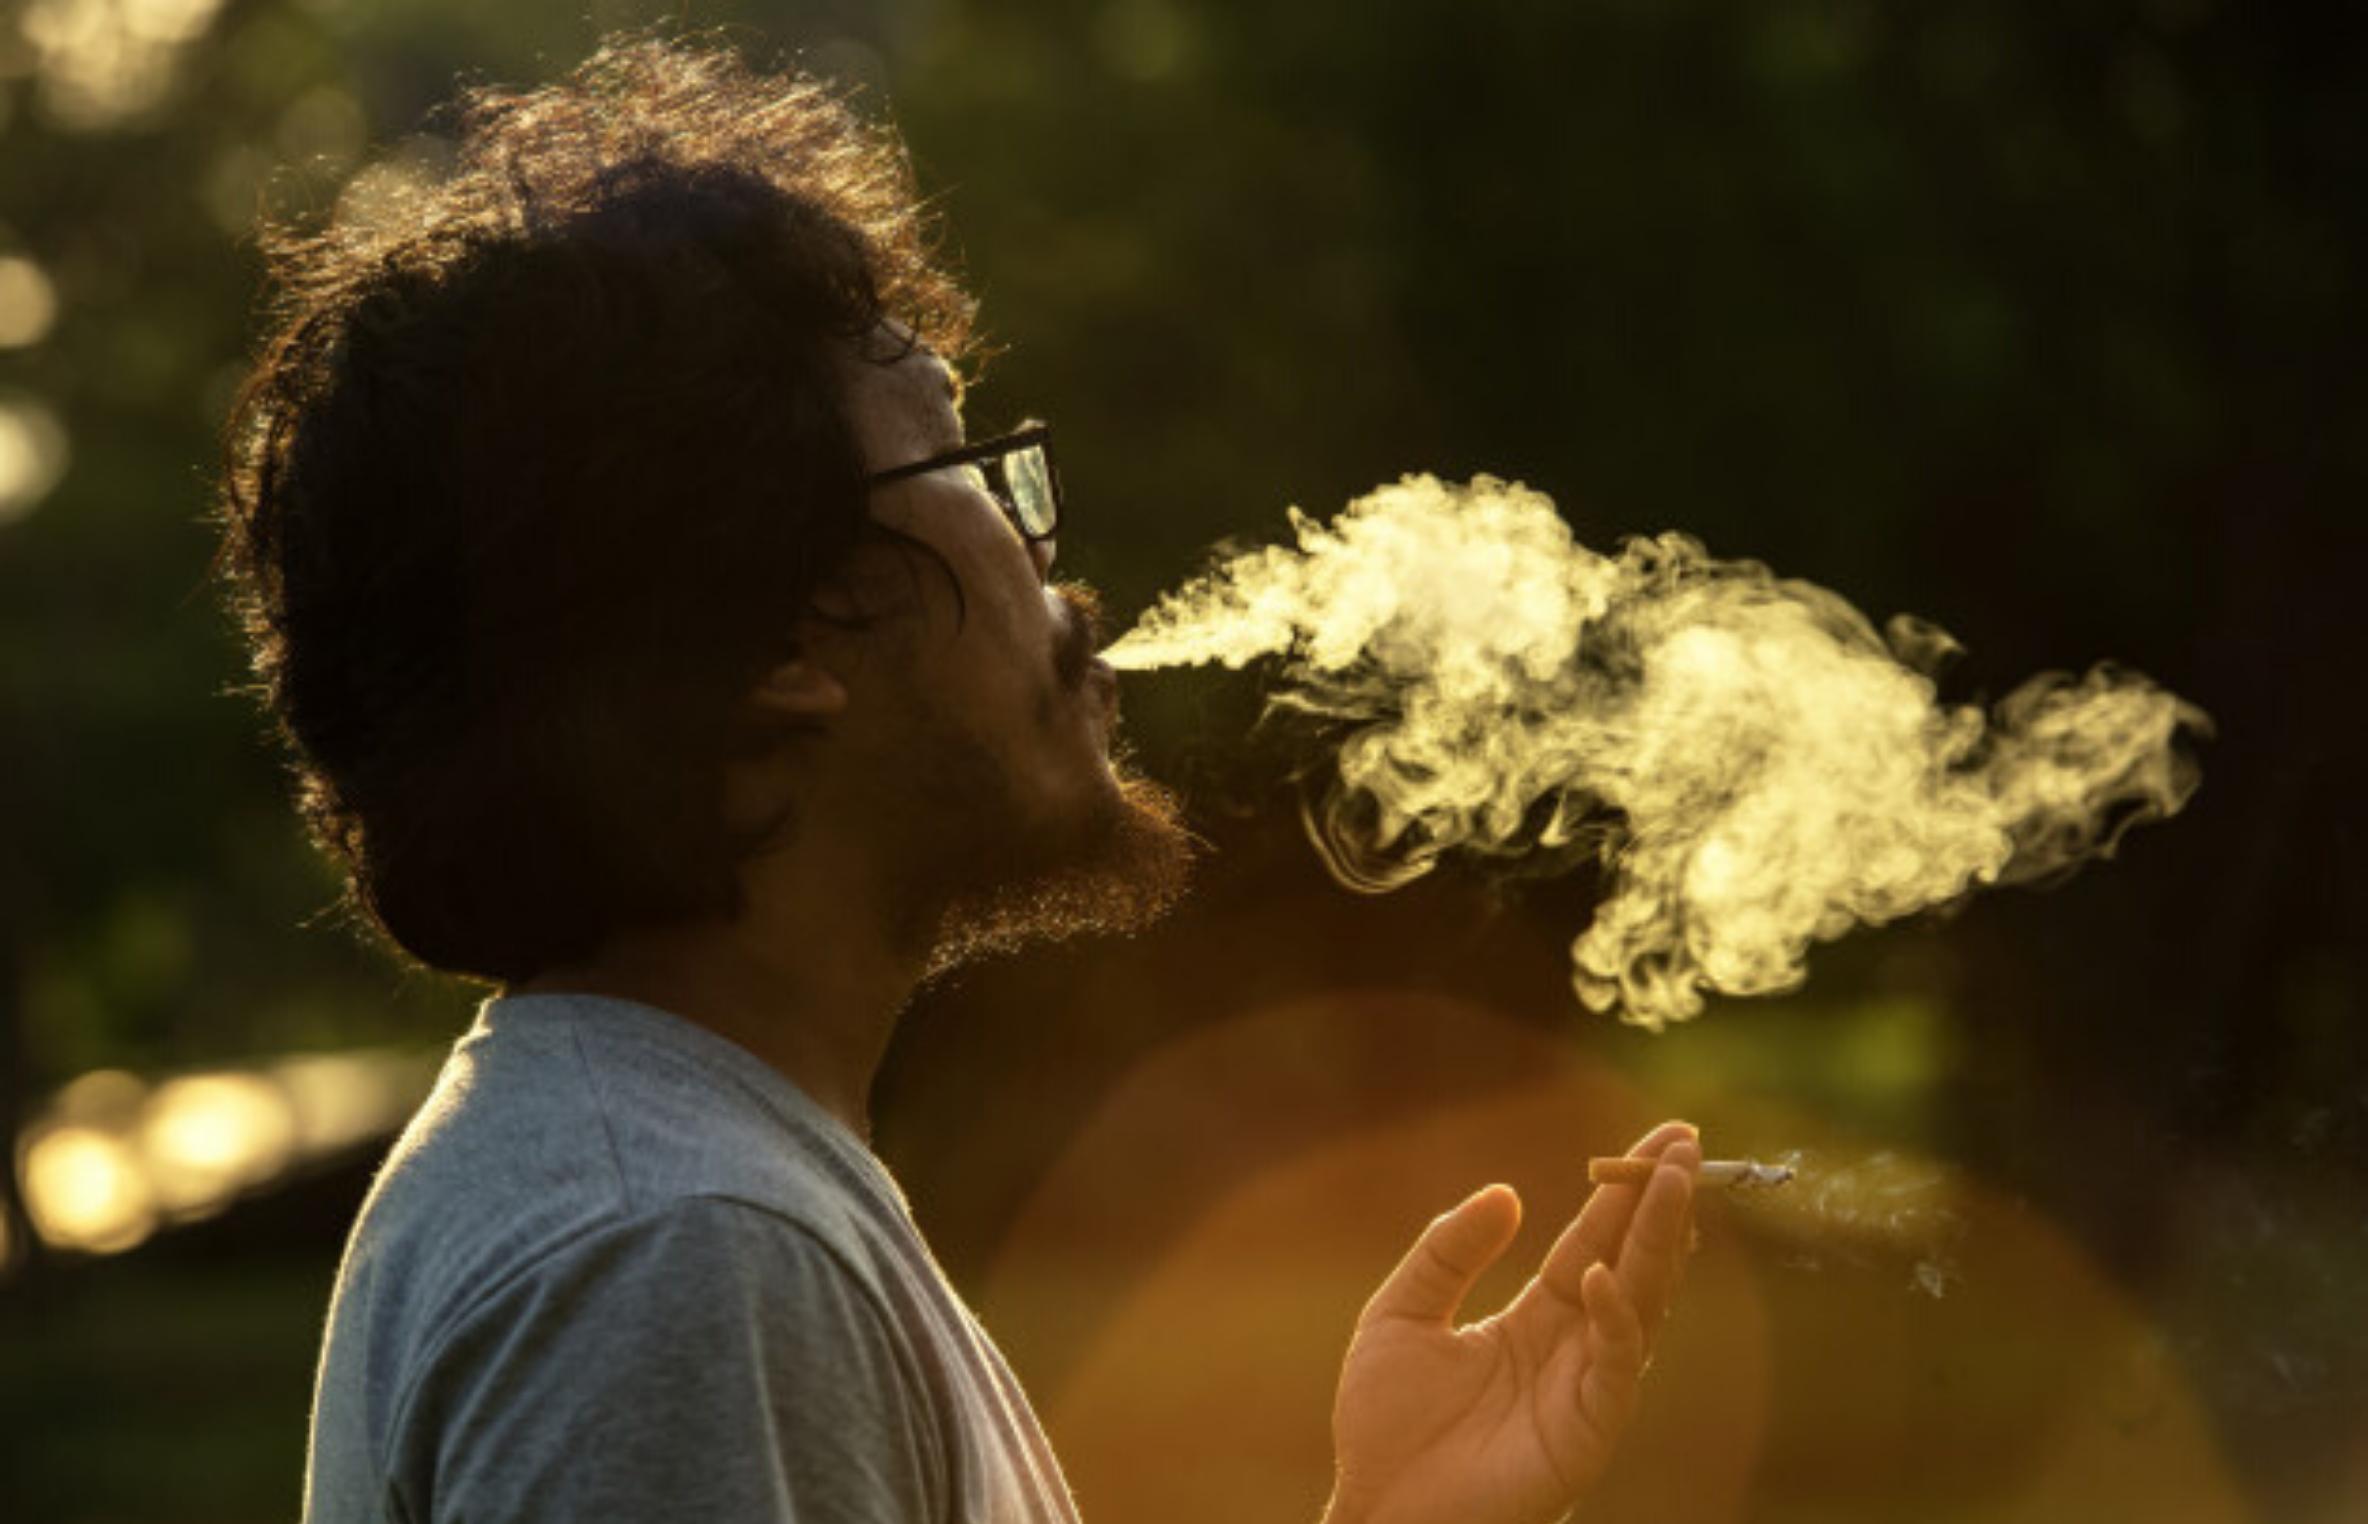 how to get medical marijuana in ny